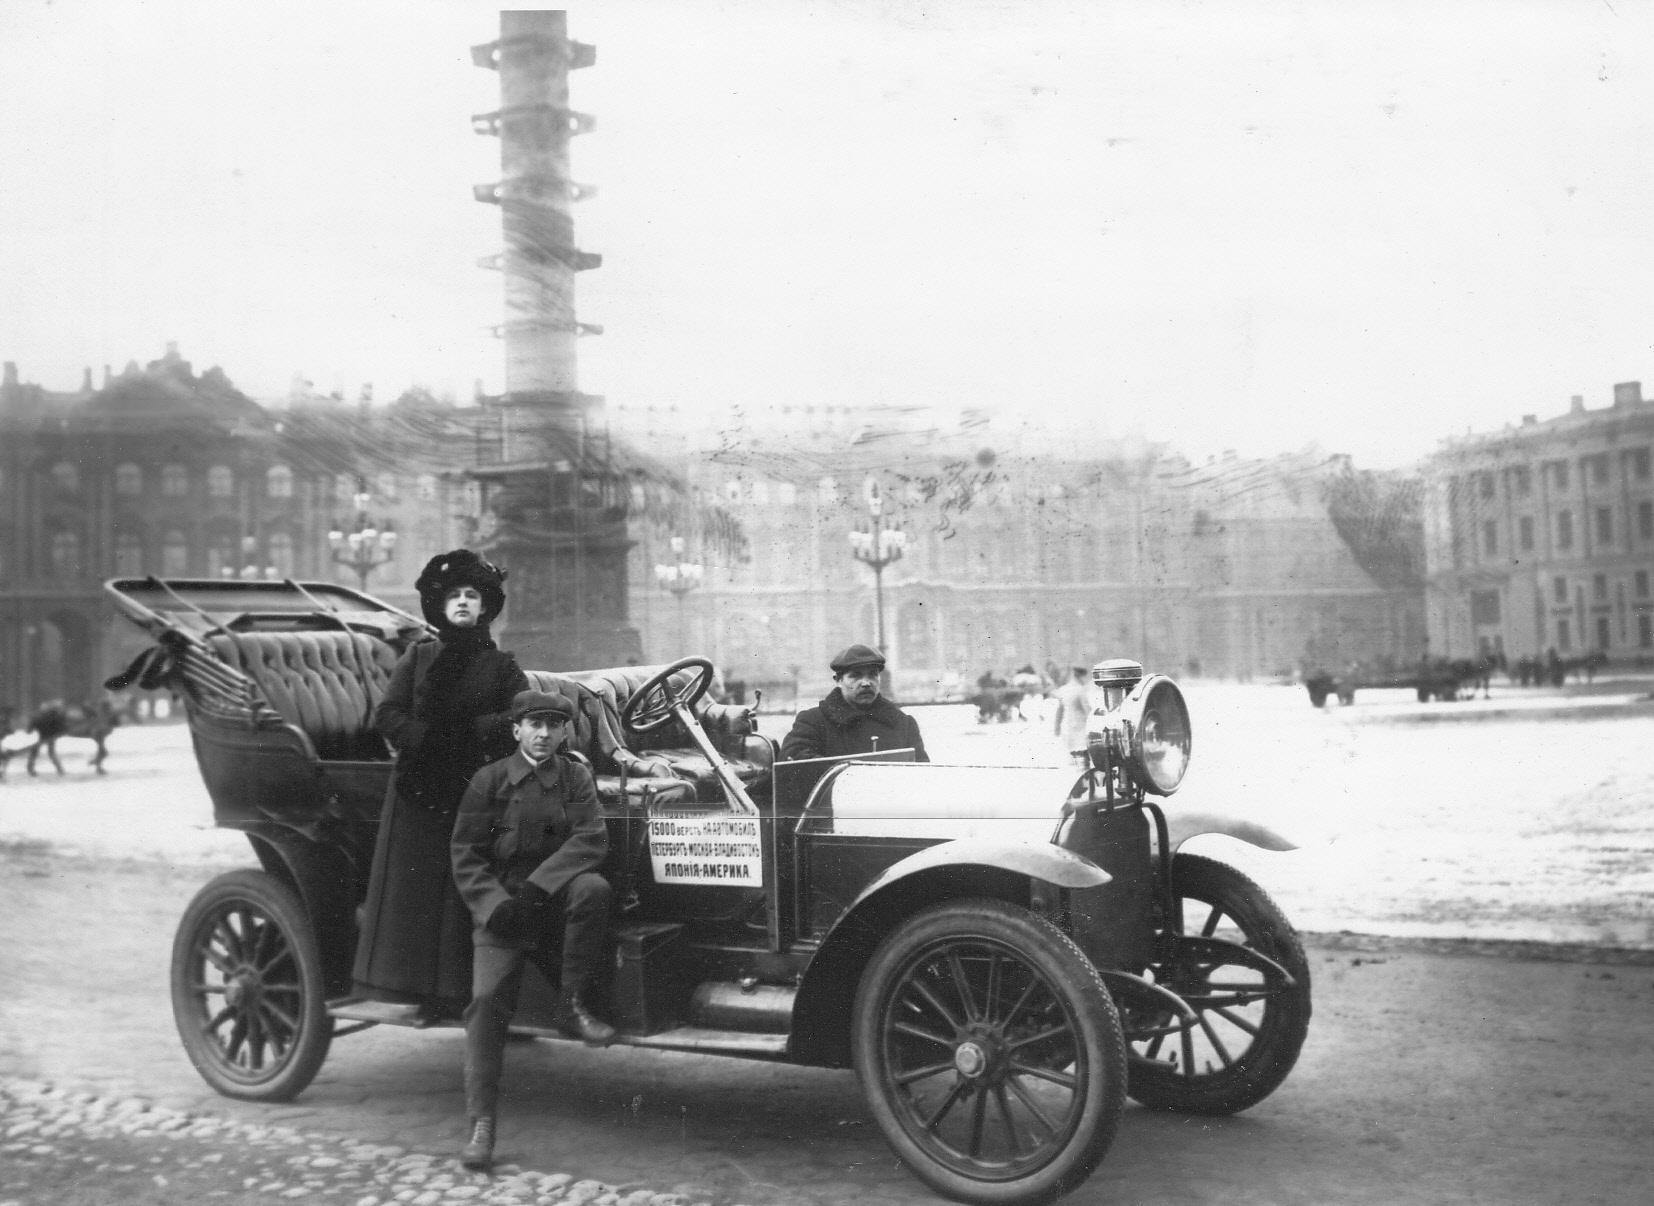 05. Автомобили с участниками пробега на Дворцовой площади перед началом старта